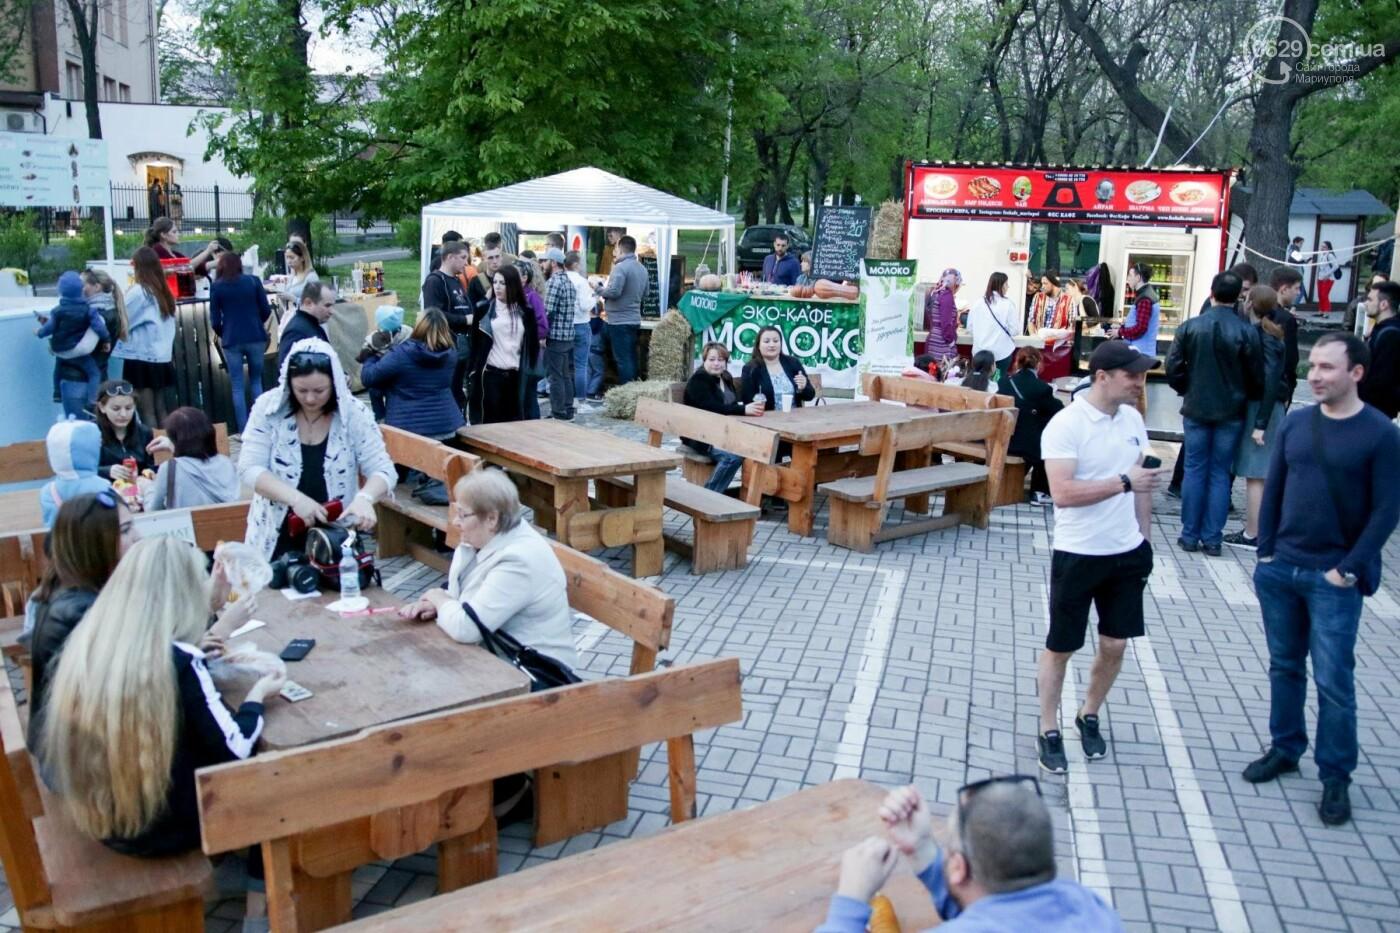 Концерт Dakh Daughters в Городском саду: фееричное открытие ГогольFesta в Мариуполе (ФОТОРЕПОРТАЖ, ВИДЕО), фото-22